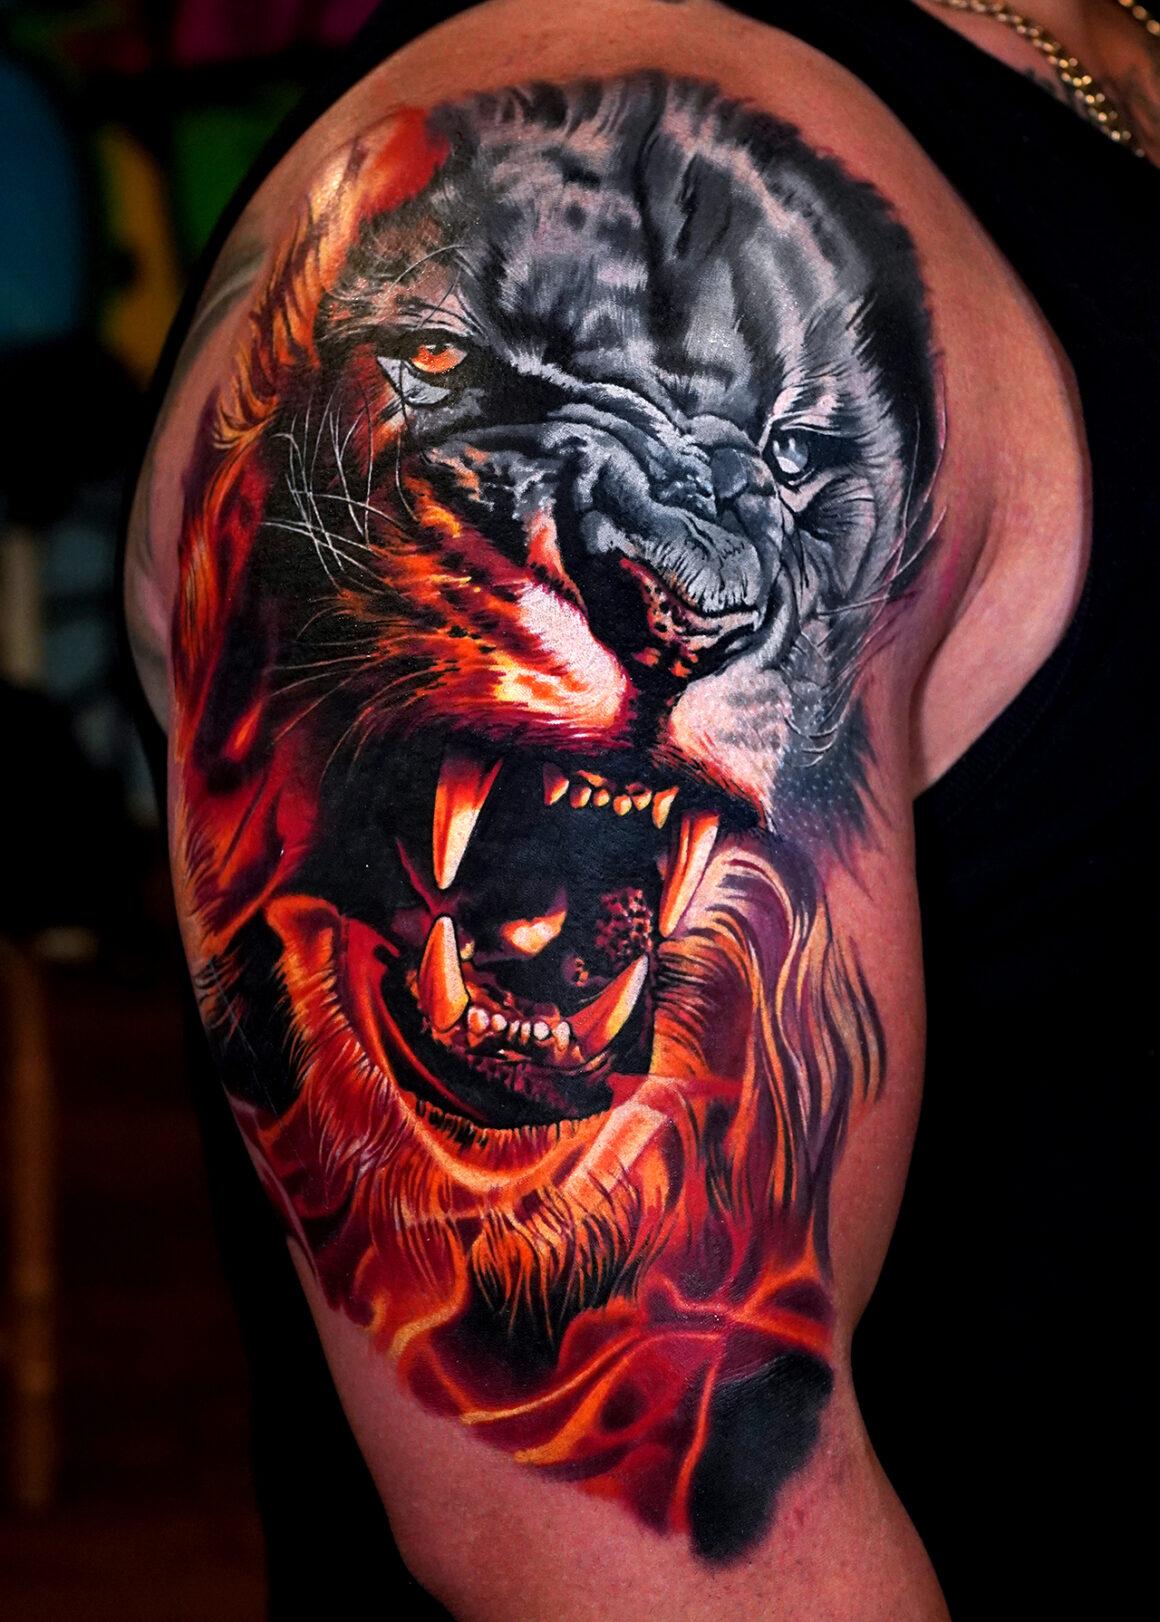 Levgen Tattoo, New York City, NY, USA